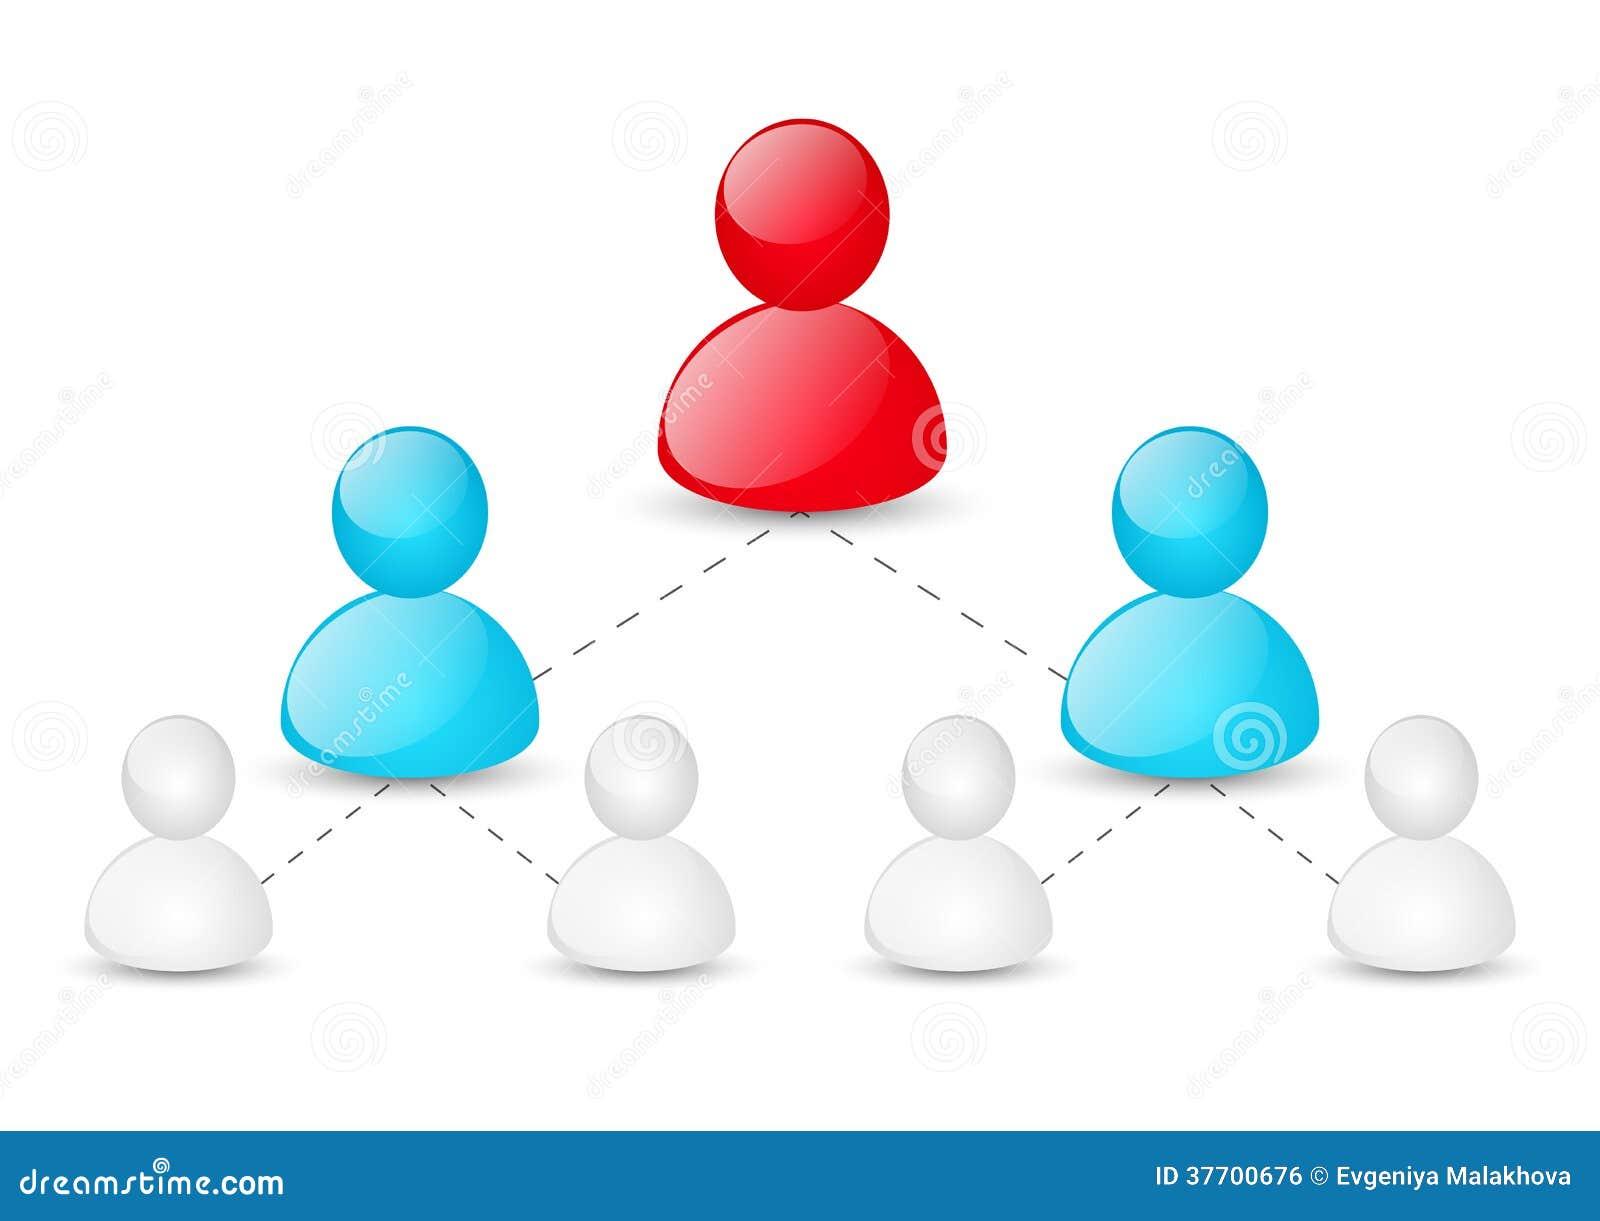 Concept collectieve hiërarchie